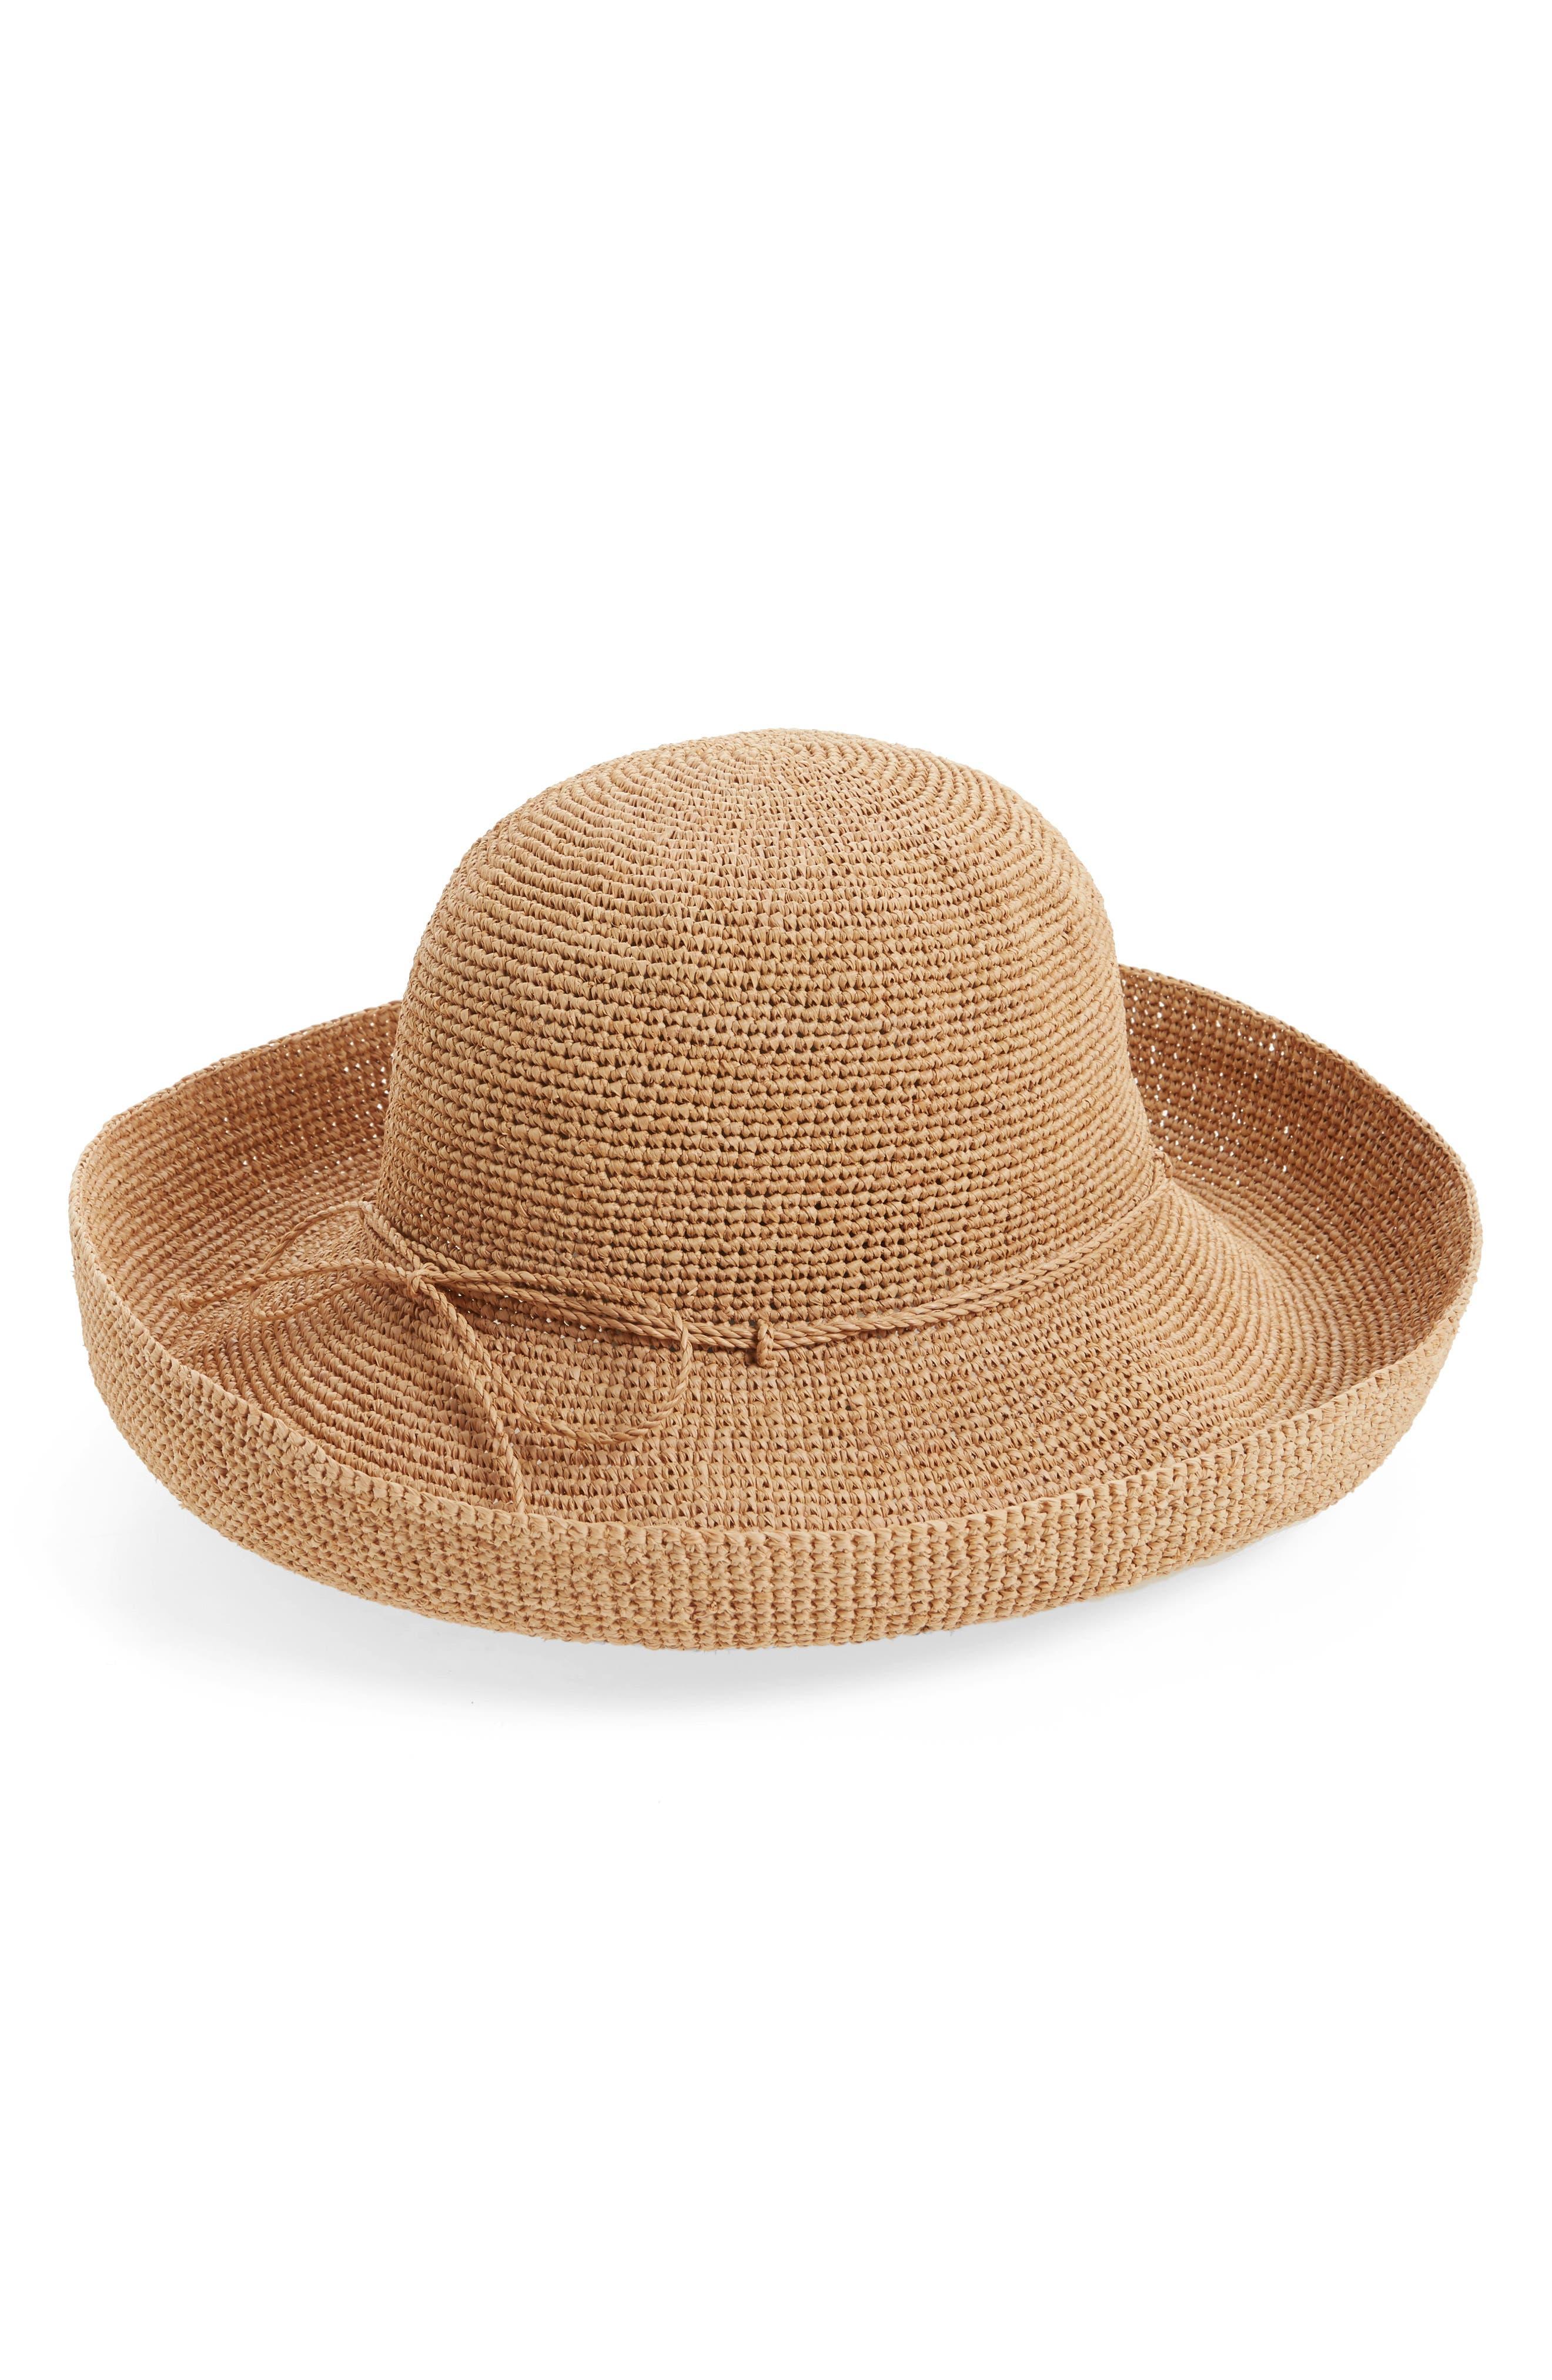 'Provence 12' Packable Raffia Hat